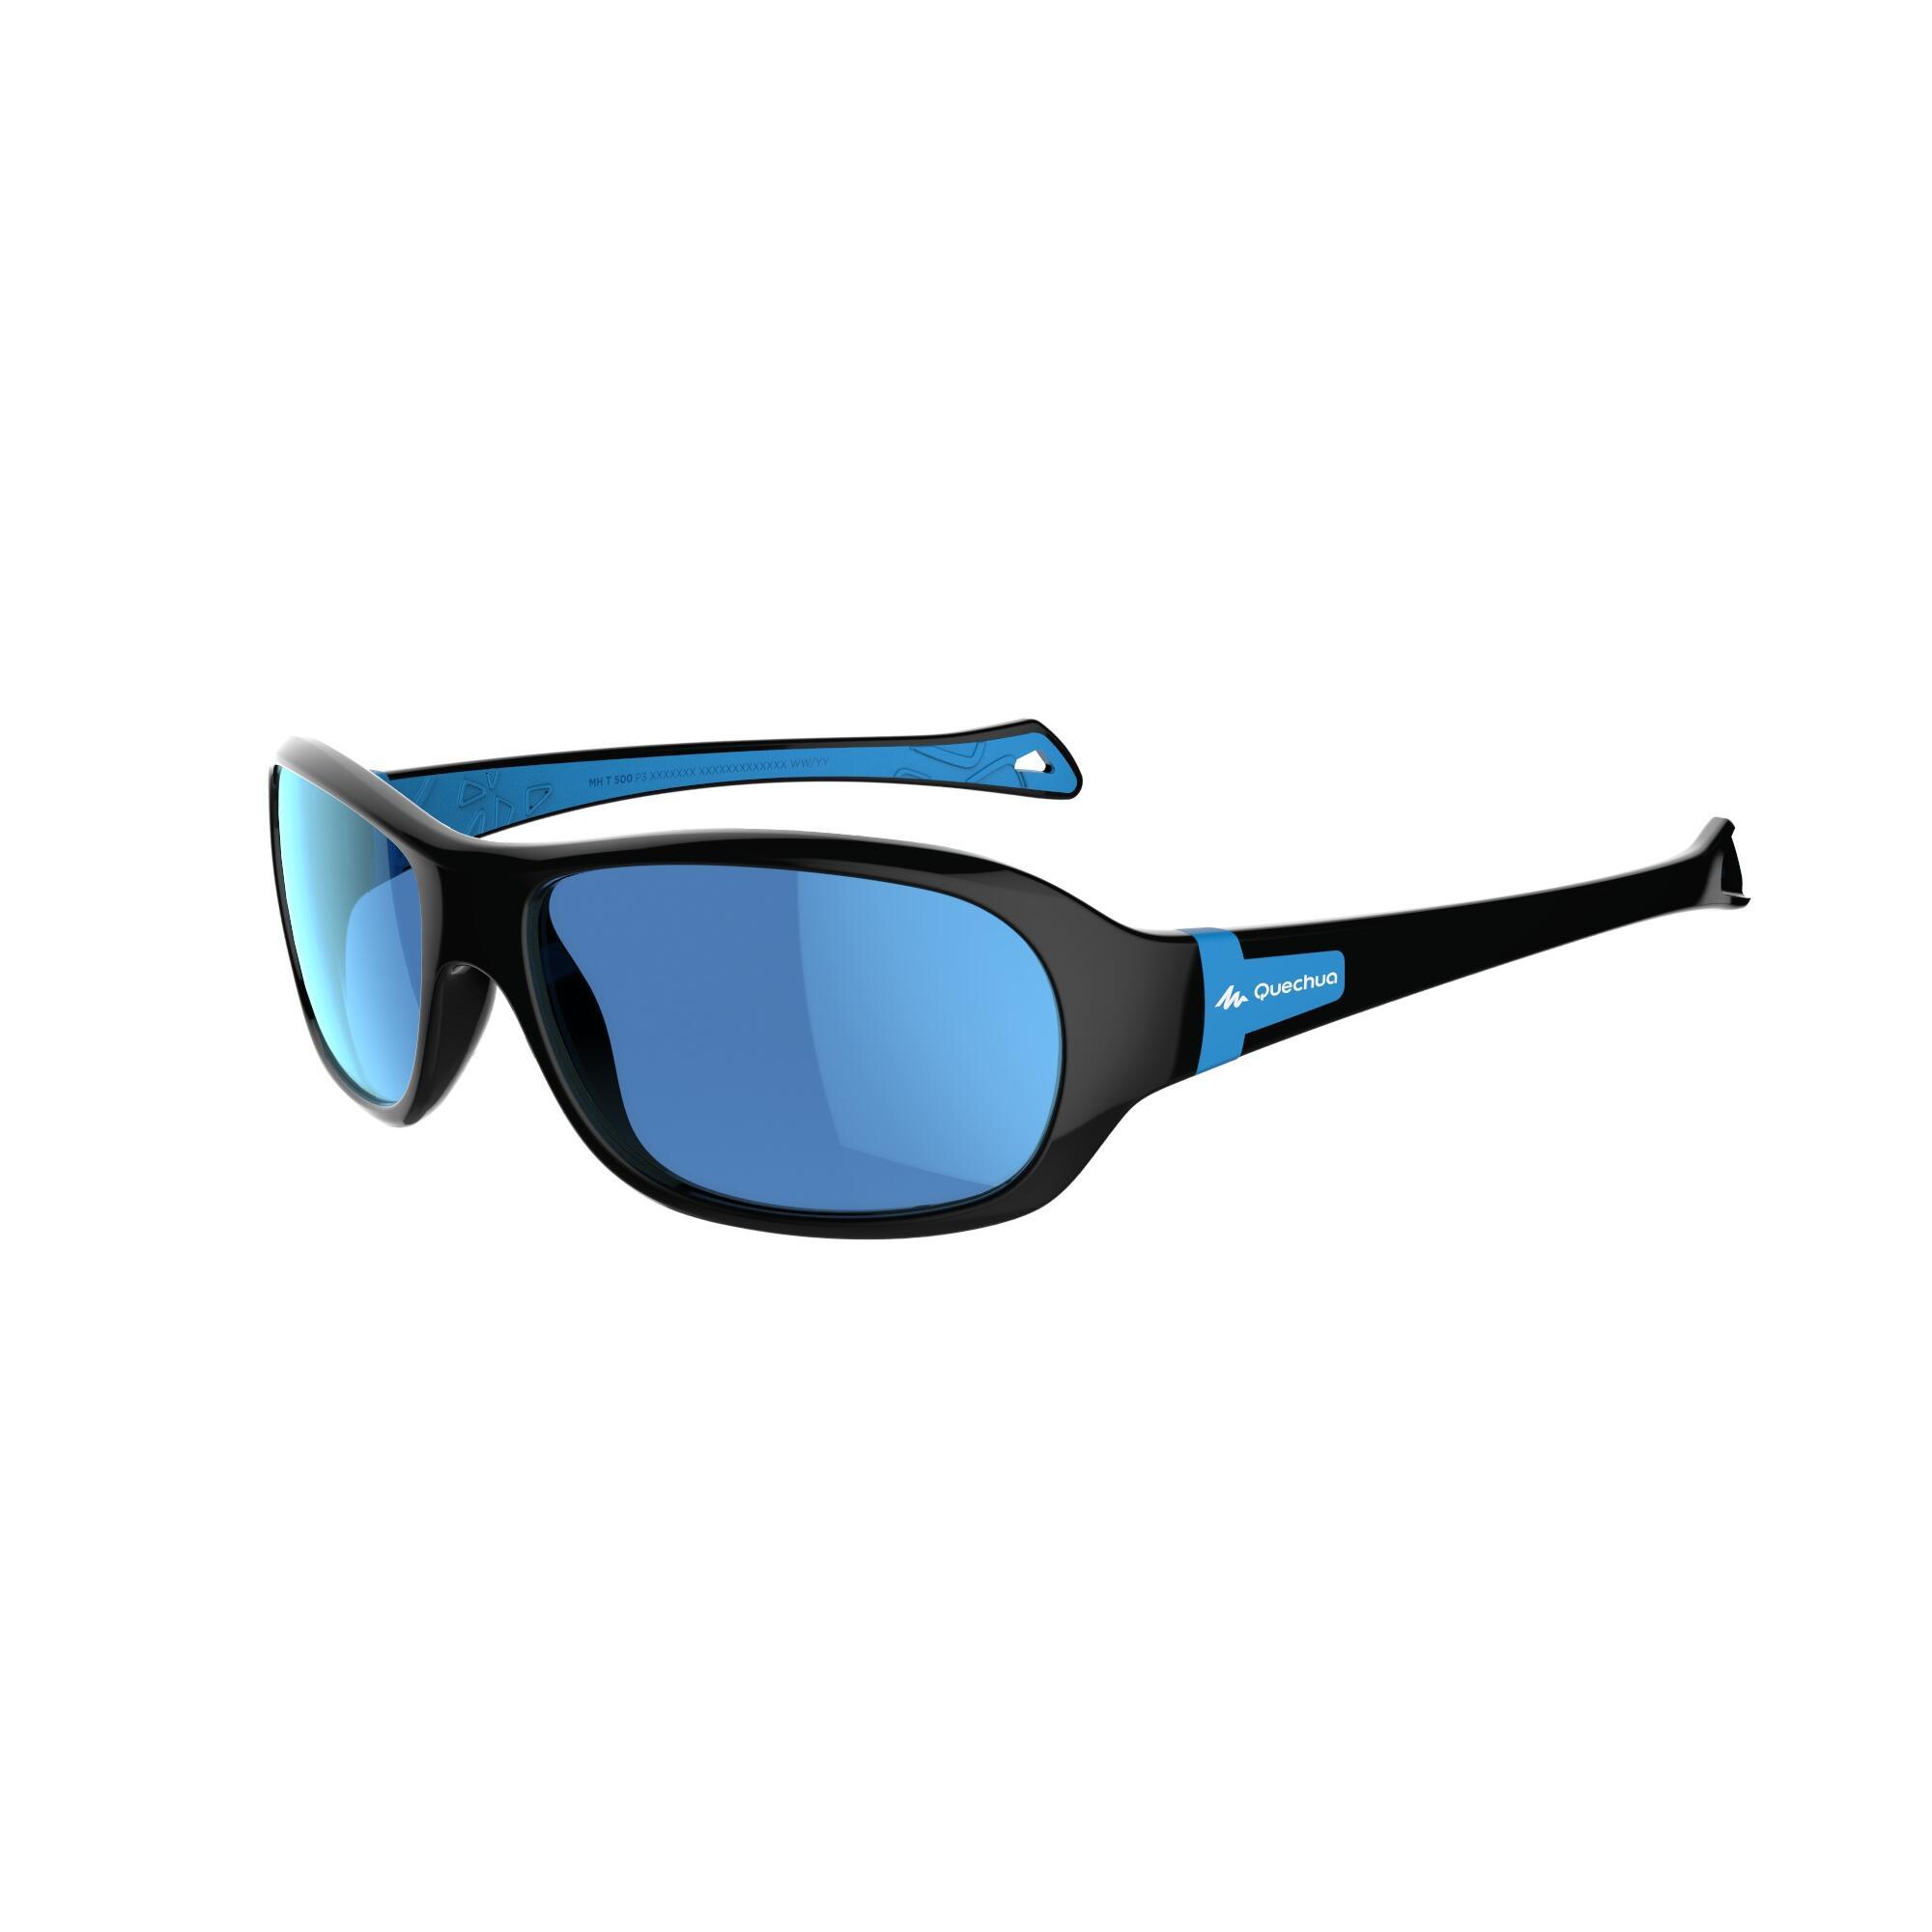 43956b7efa Comprar gafas de sol para niños y bebés Online | Decathlon